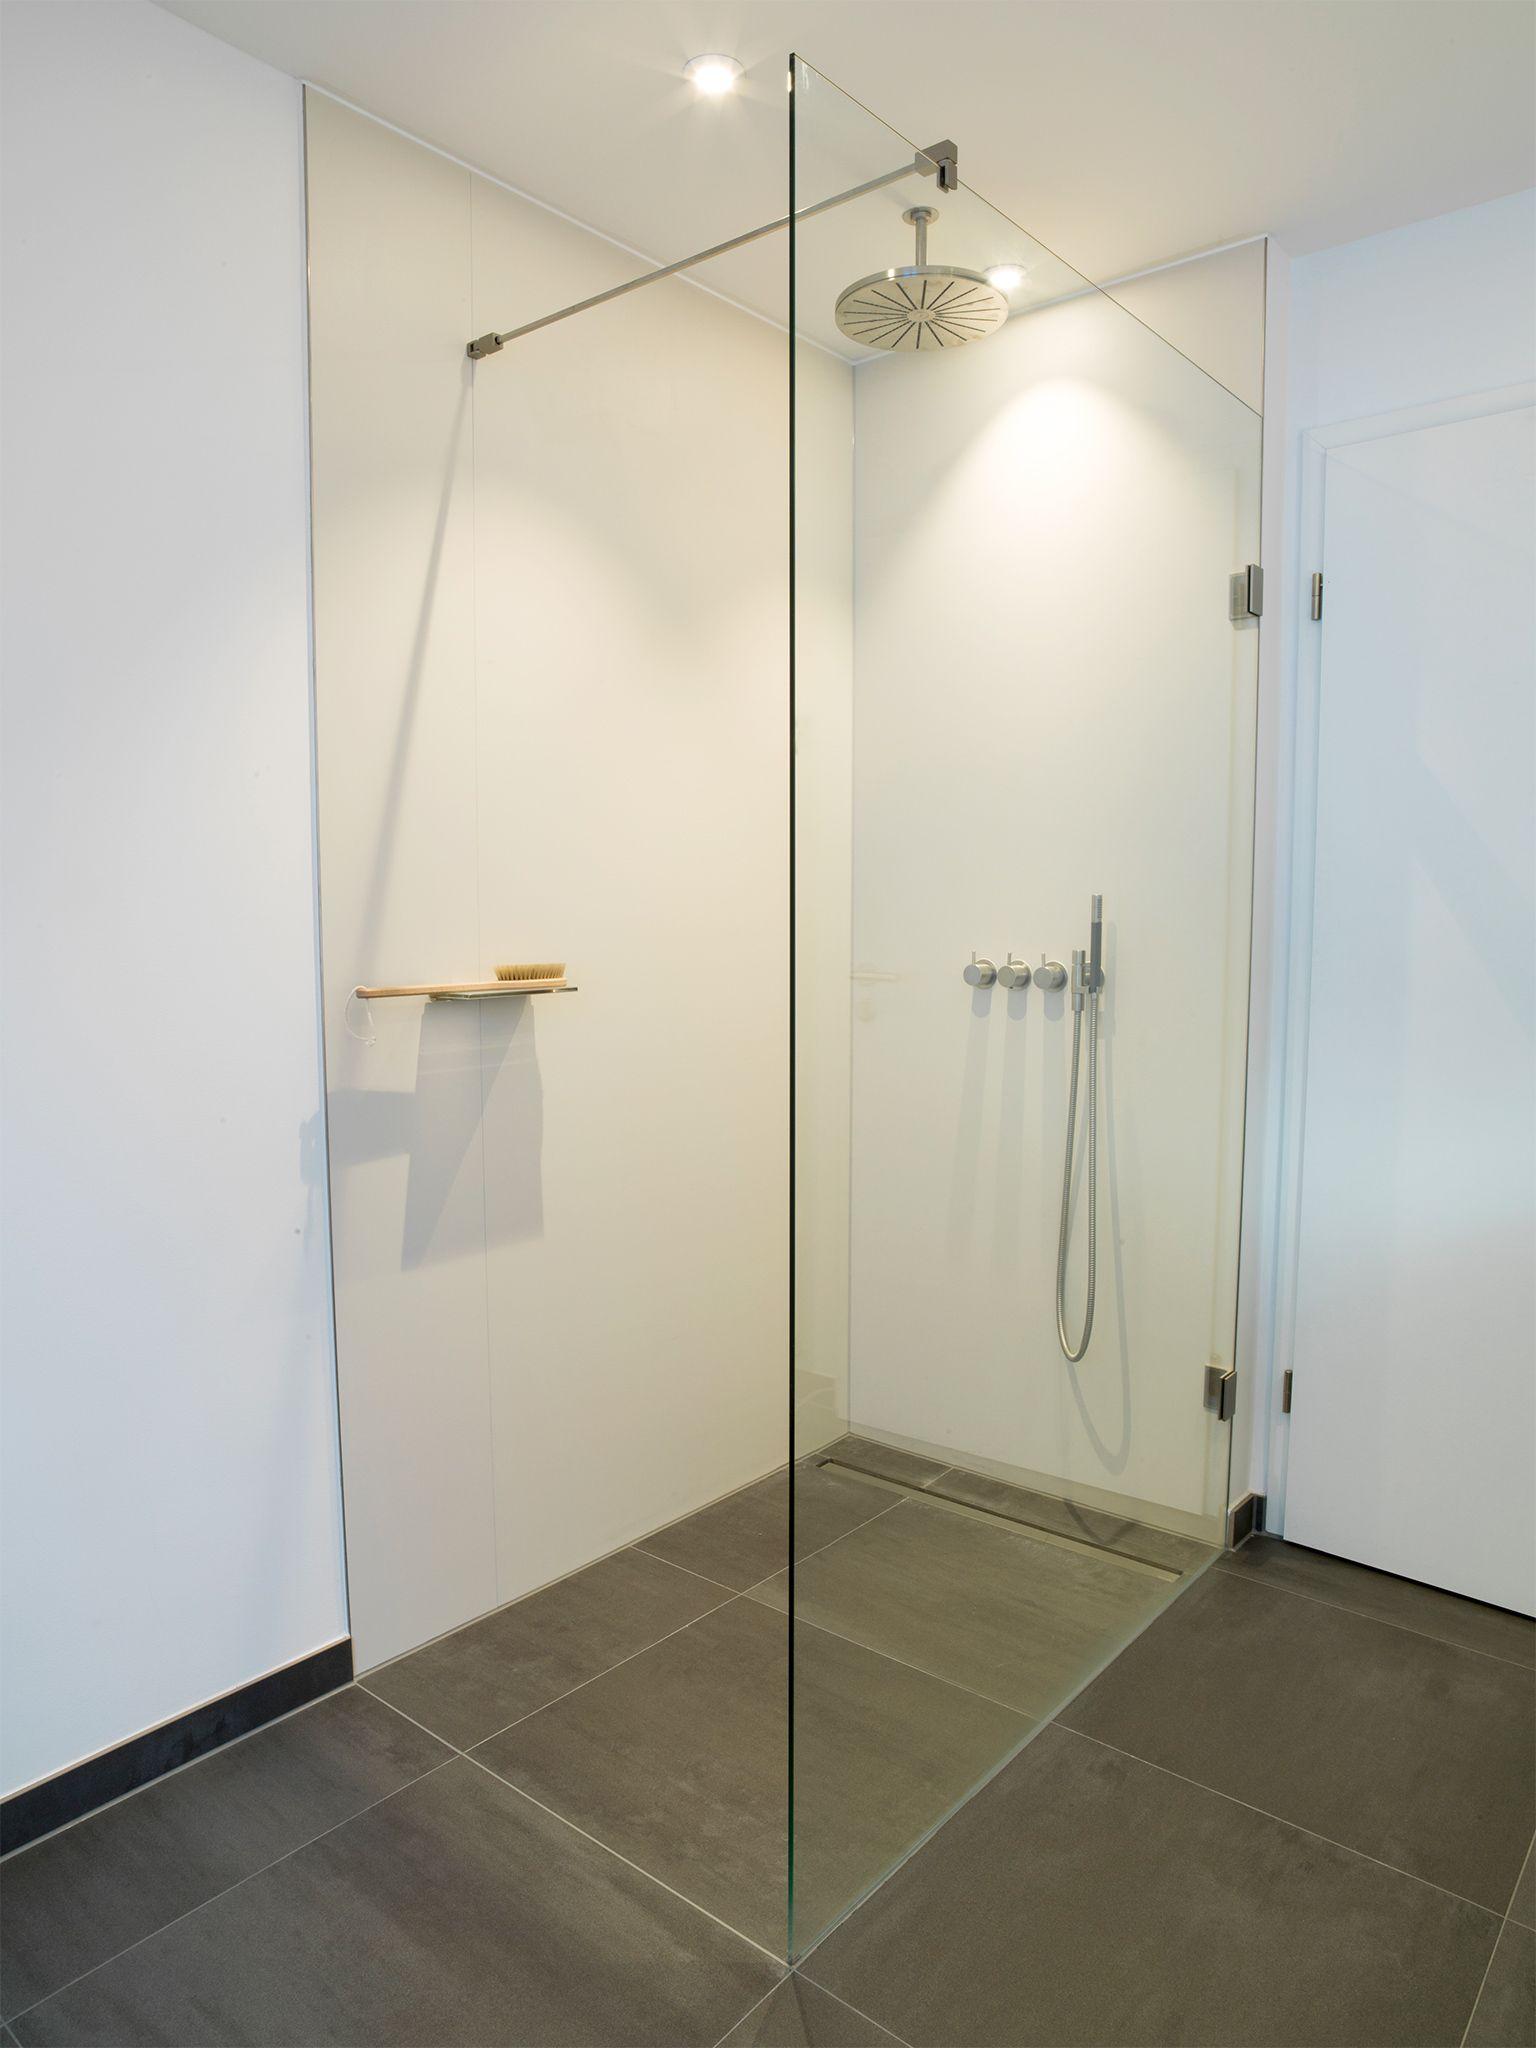 Walk In Duschen In Top Design 15 Beispiele Die Beeindrucken Badezimmer Ebenerdige Dusche Walk In Dusche